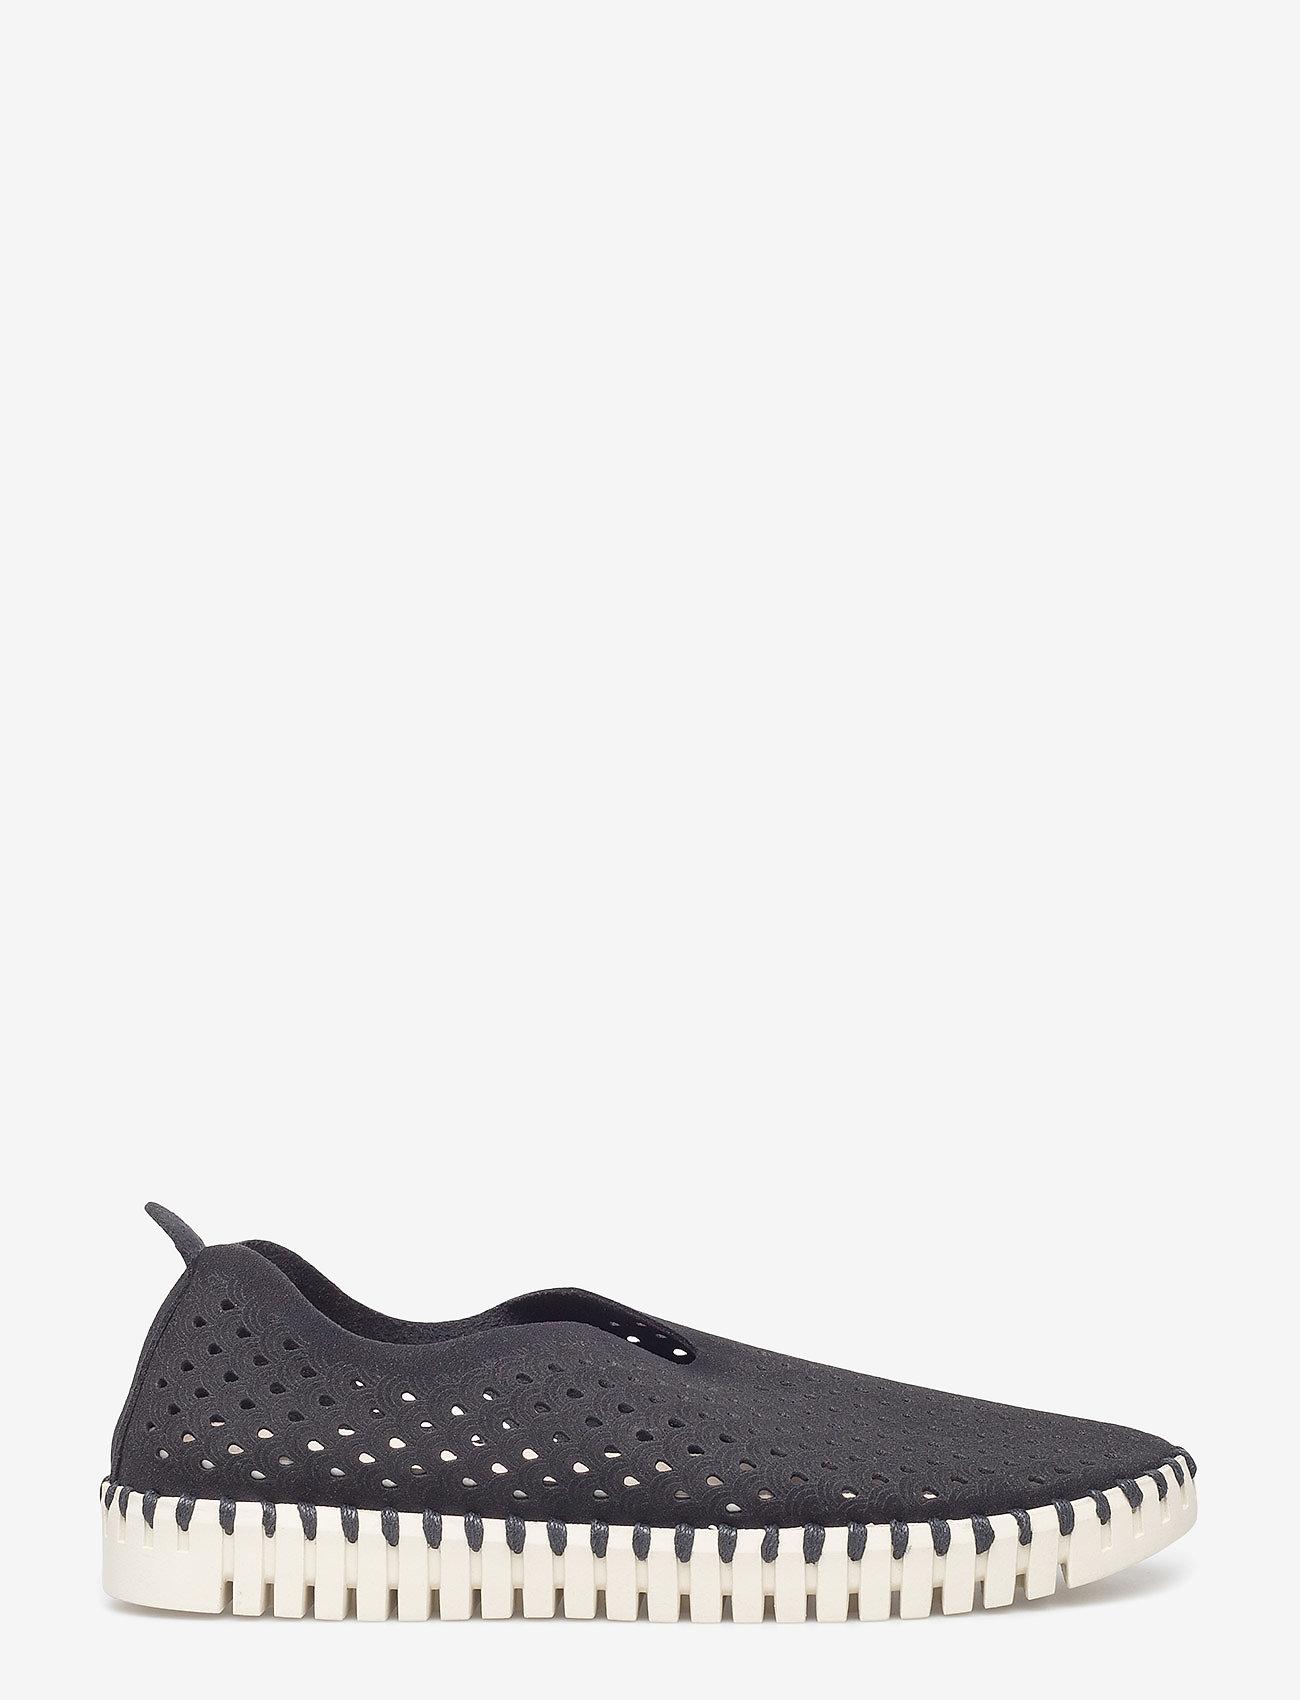 Ilse Jacobsen - Flats - slip-on sneakers - 01 black - 1